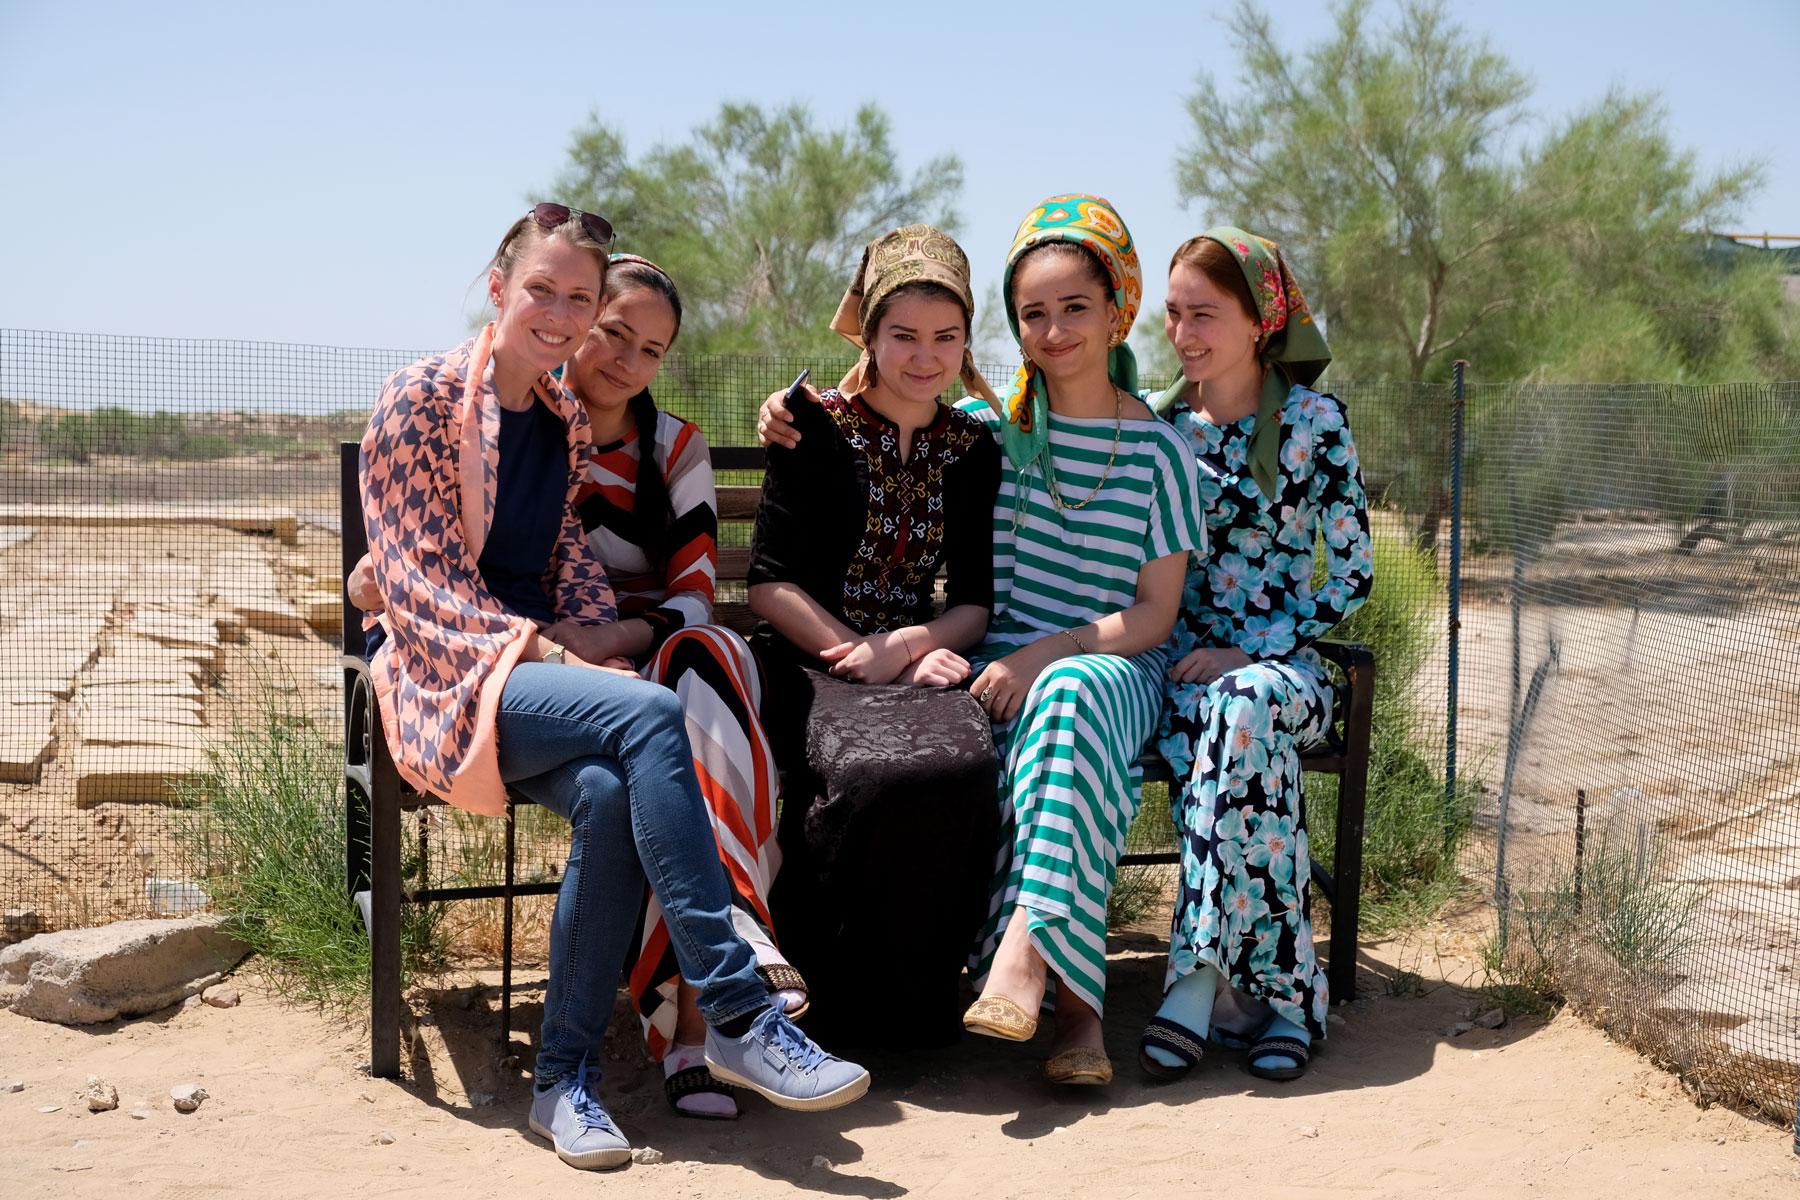 Leo sitzt auf einer Bank neben drei bunt gekleideten Frauen